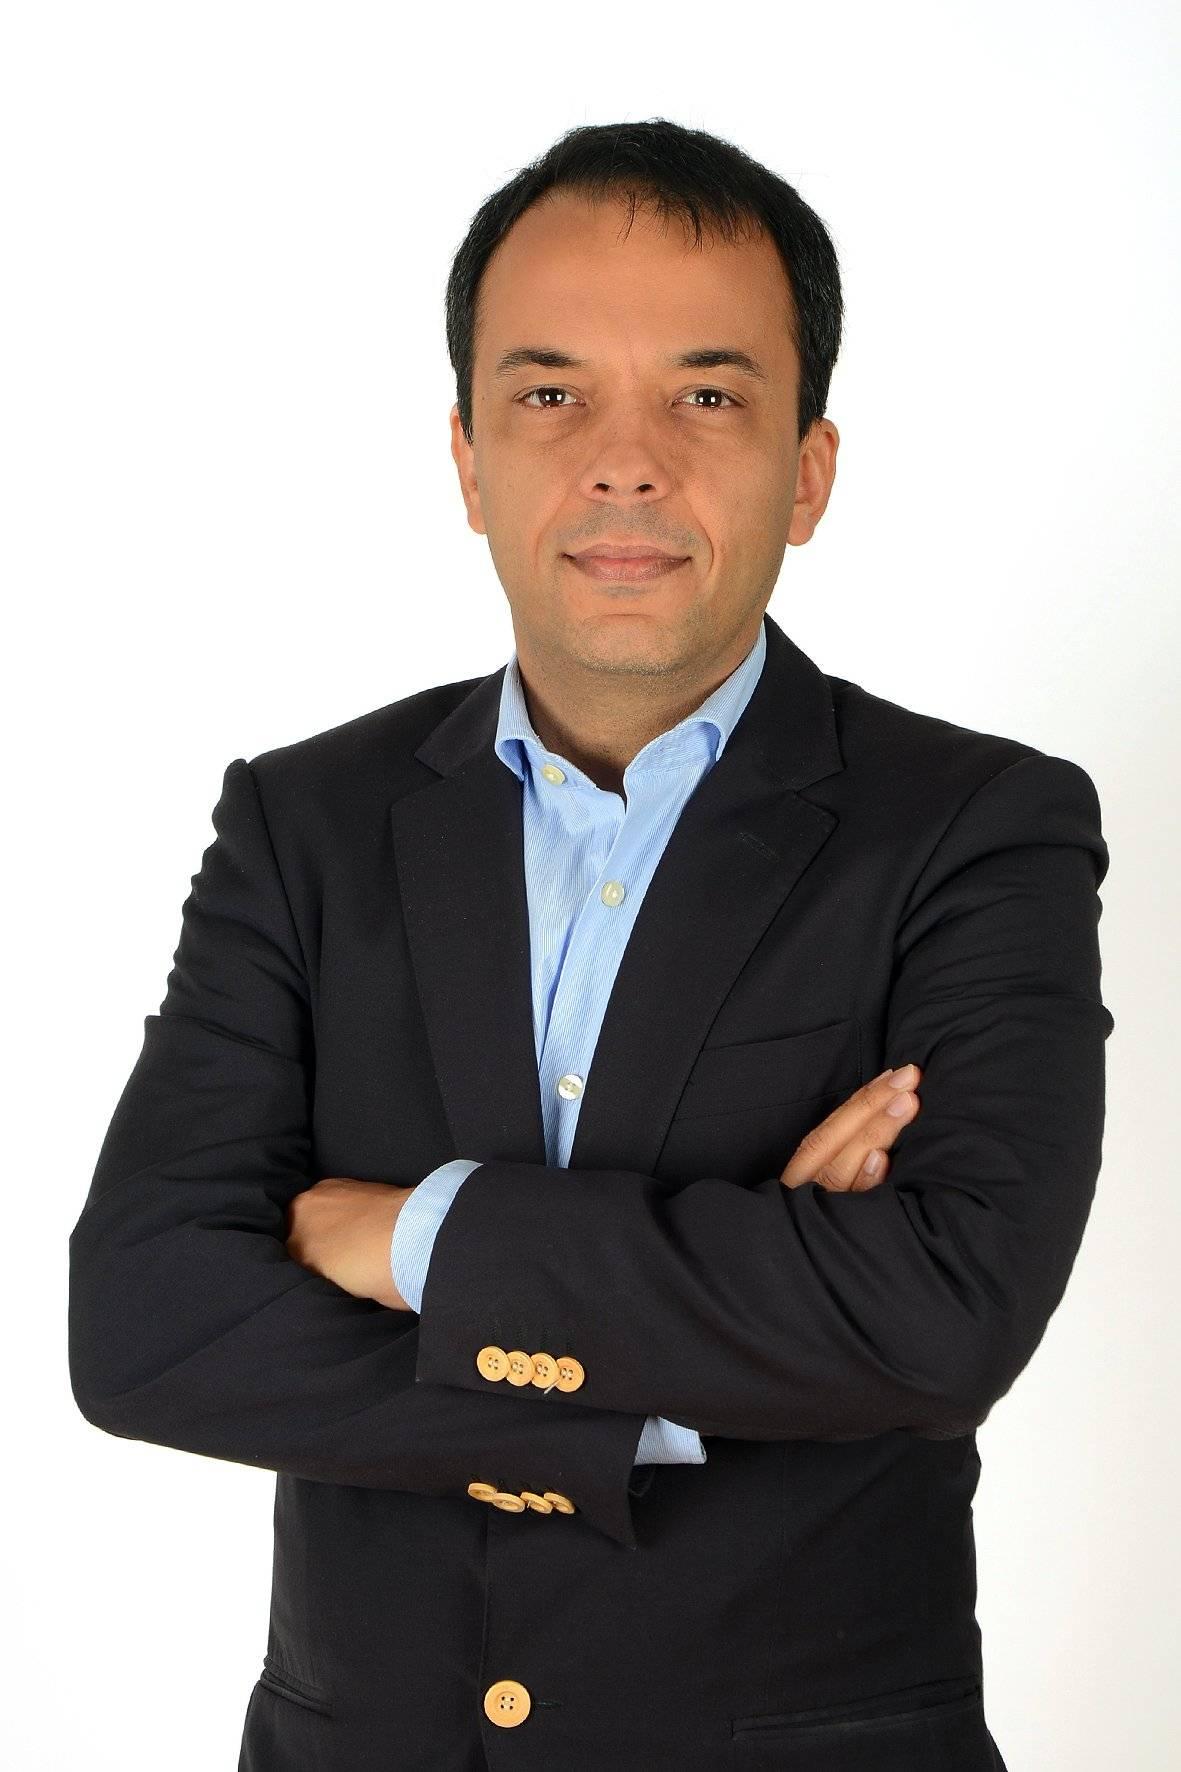 Ricardo Cabral, profesor asistente de economía en la Universidad de Madeira, Portugal